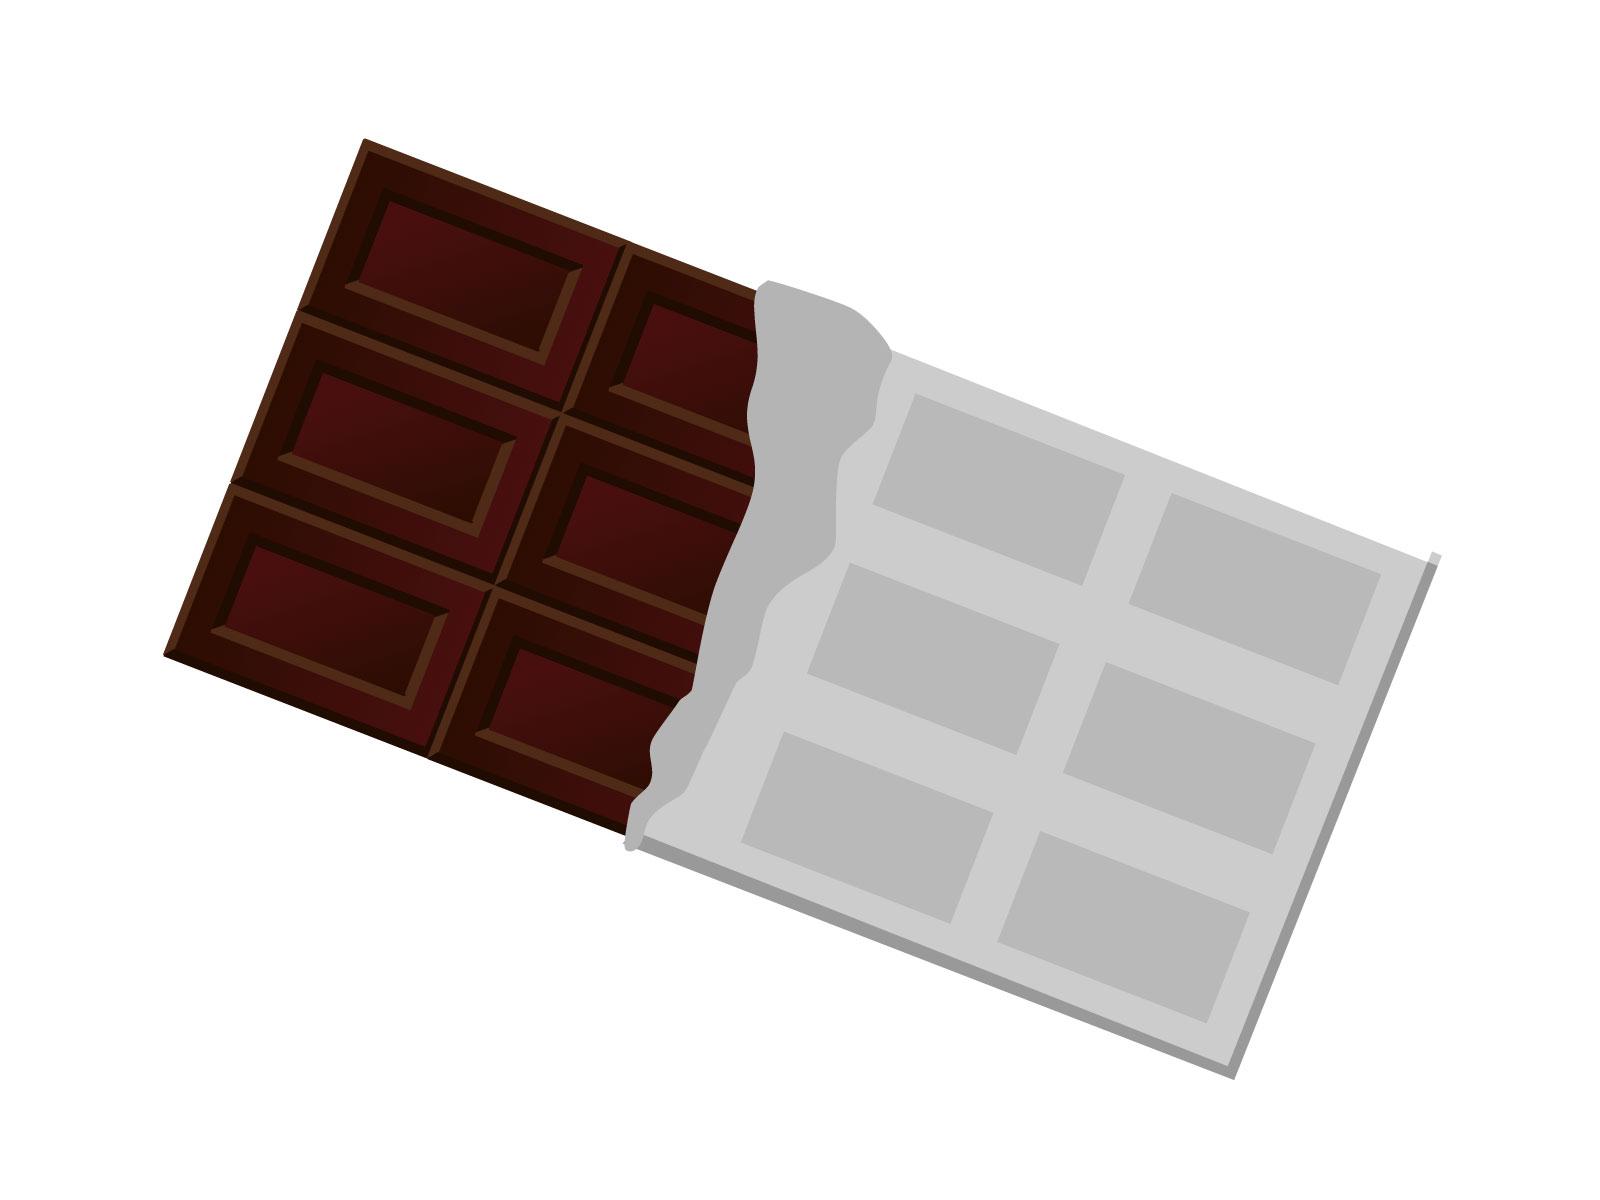 糖質制限で食べても良いチョコレートとは